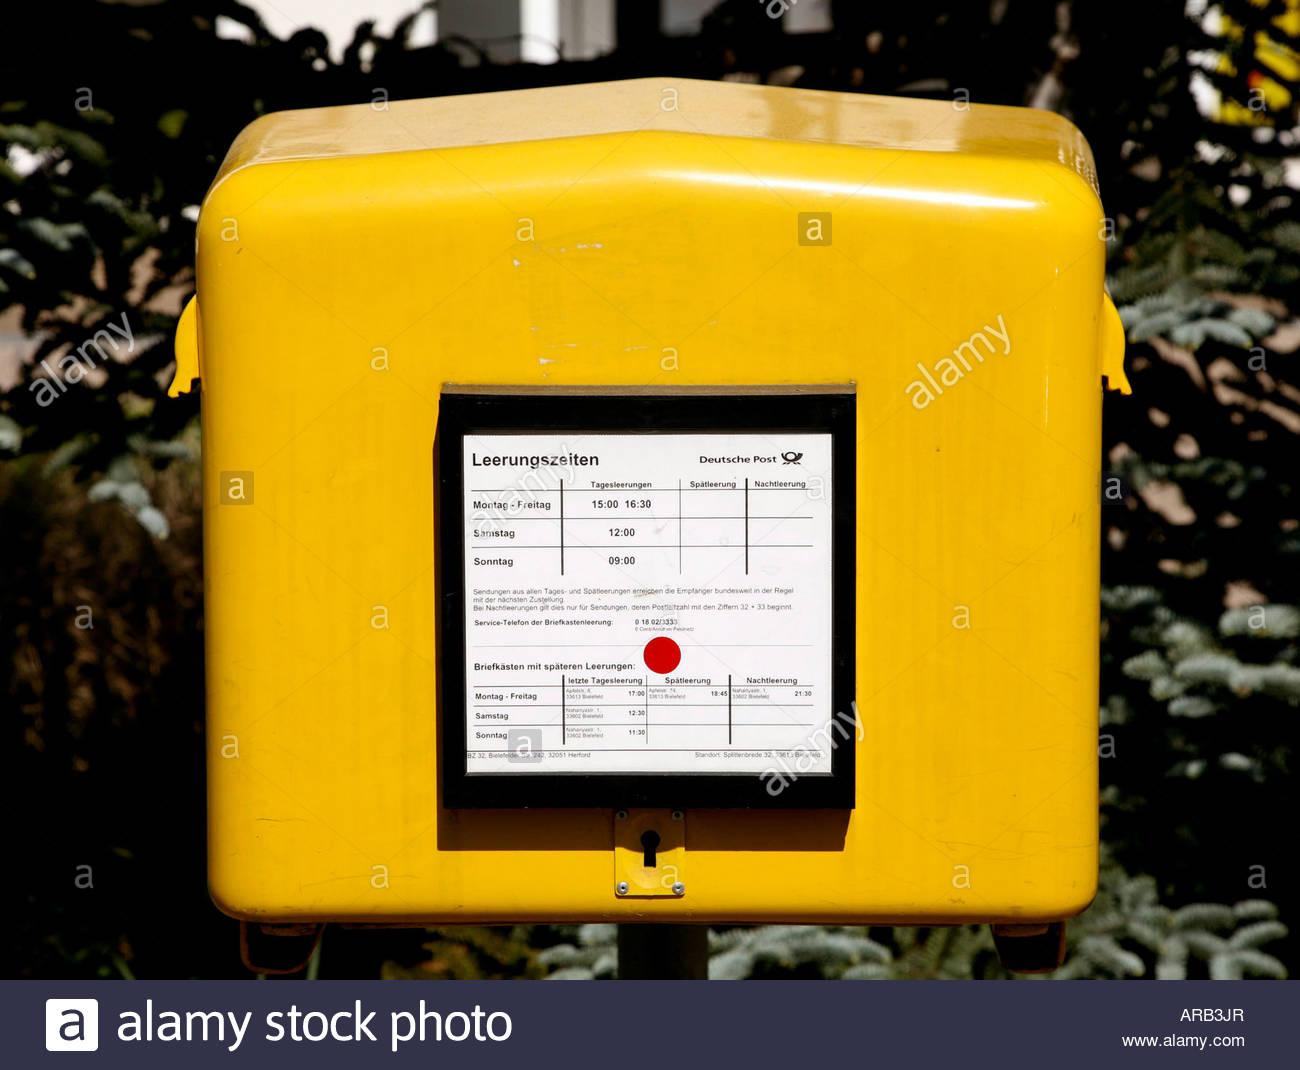 Briefkasten Der Deutschen Post Stockfoto Bild 15997966 Alamy